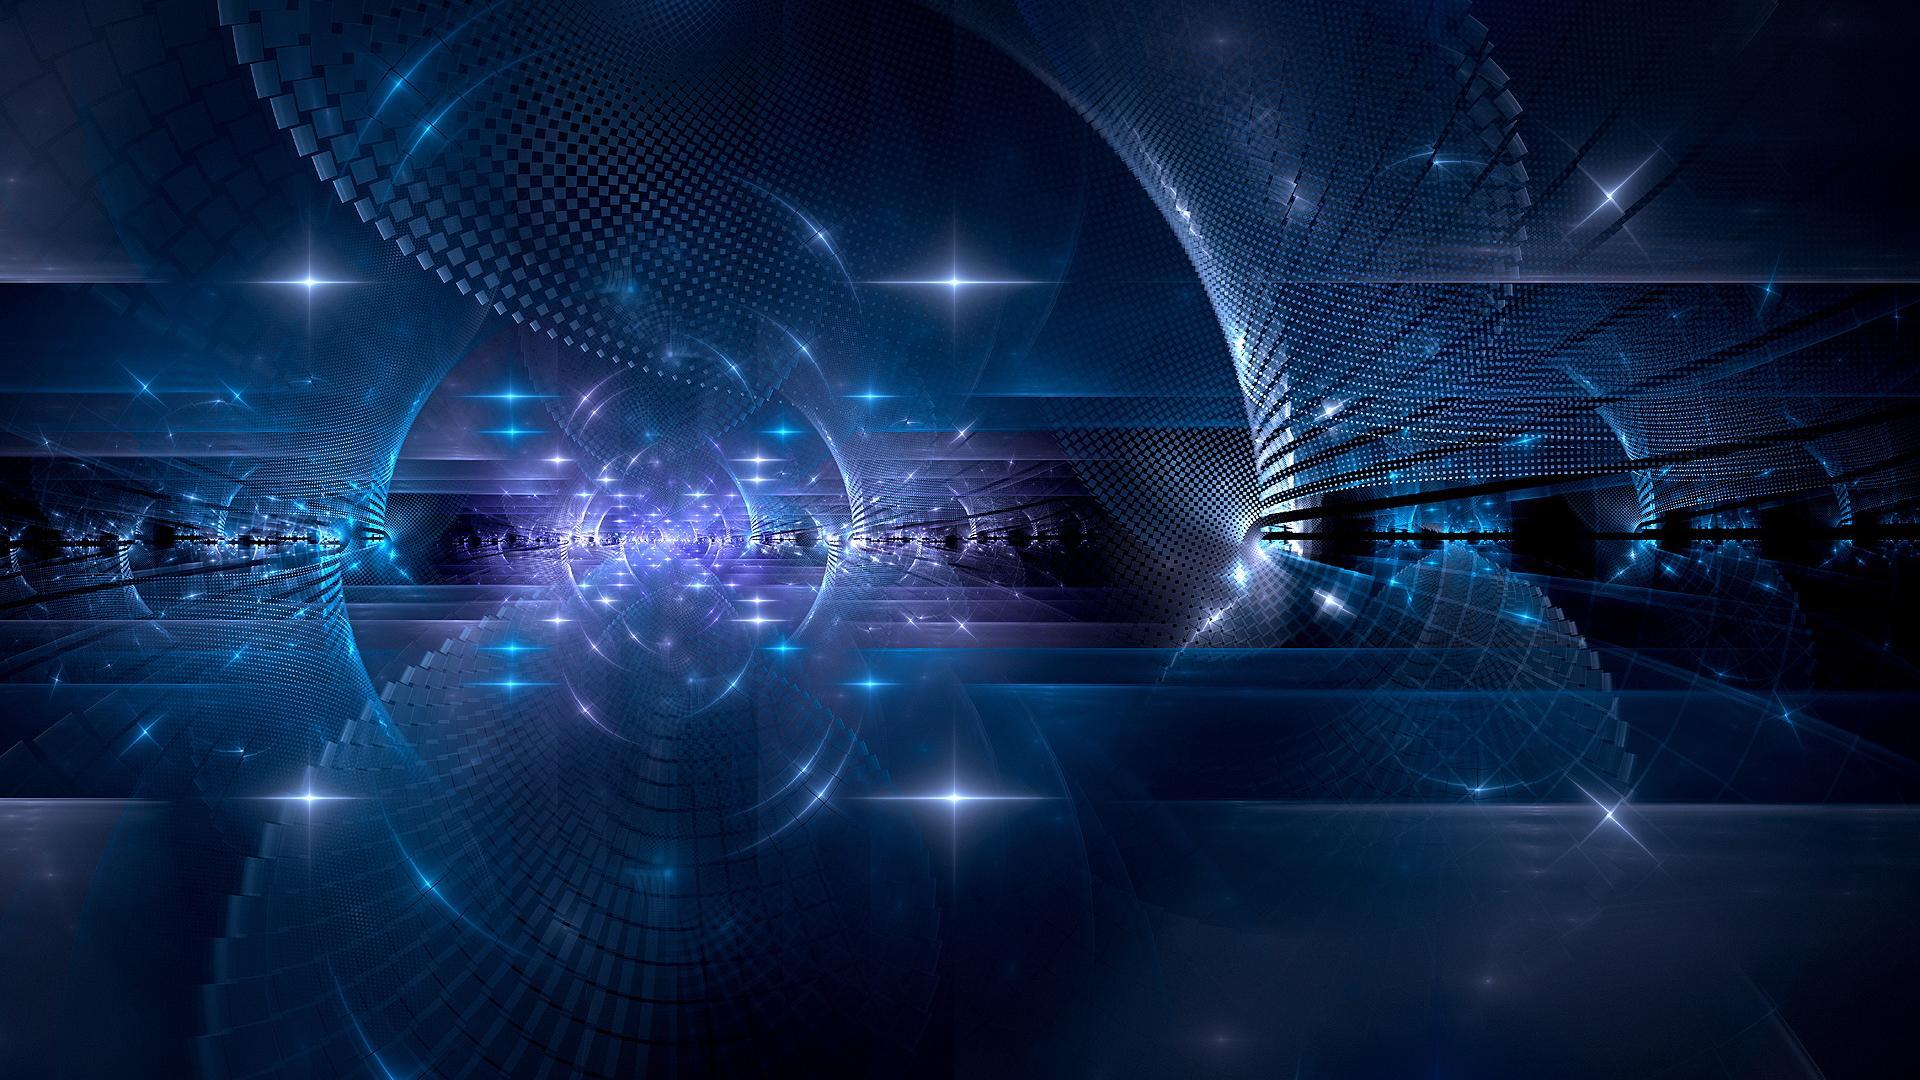 Hd Blue 3d Design Desktop Backgrounds Widescreen and HD background 1920x1080